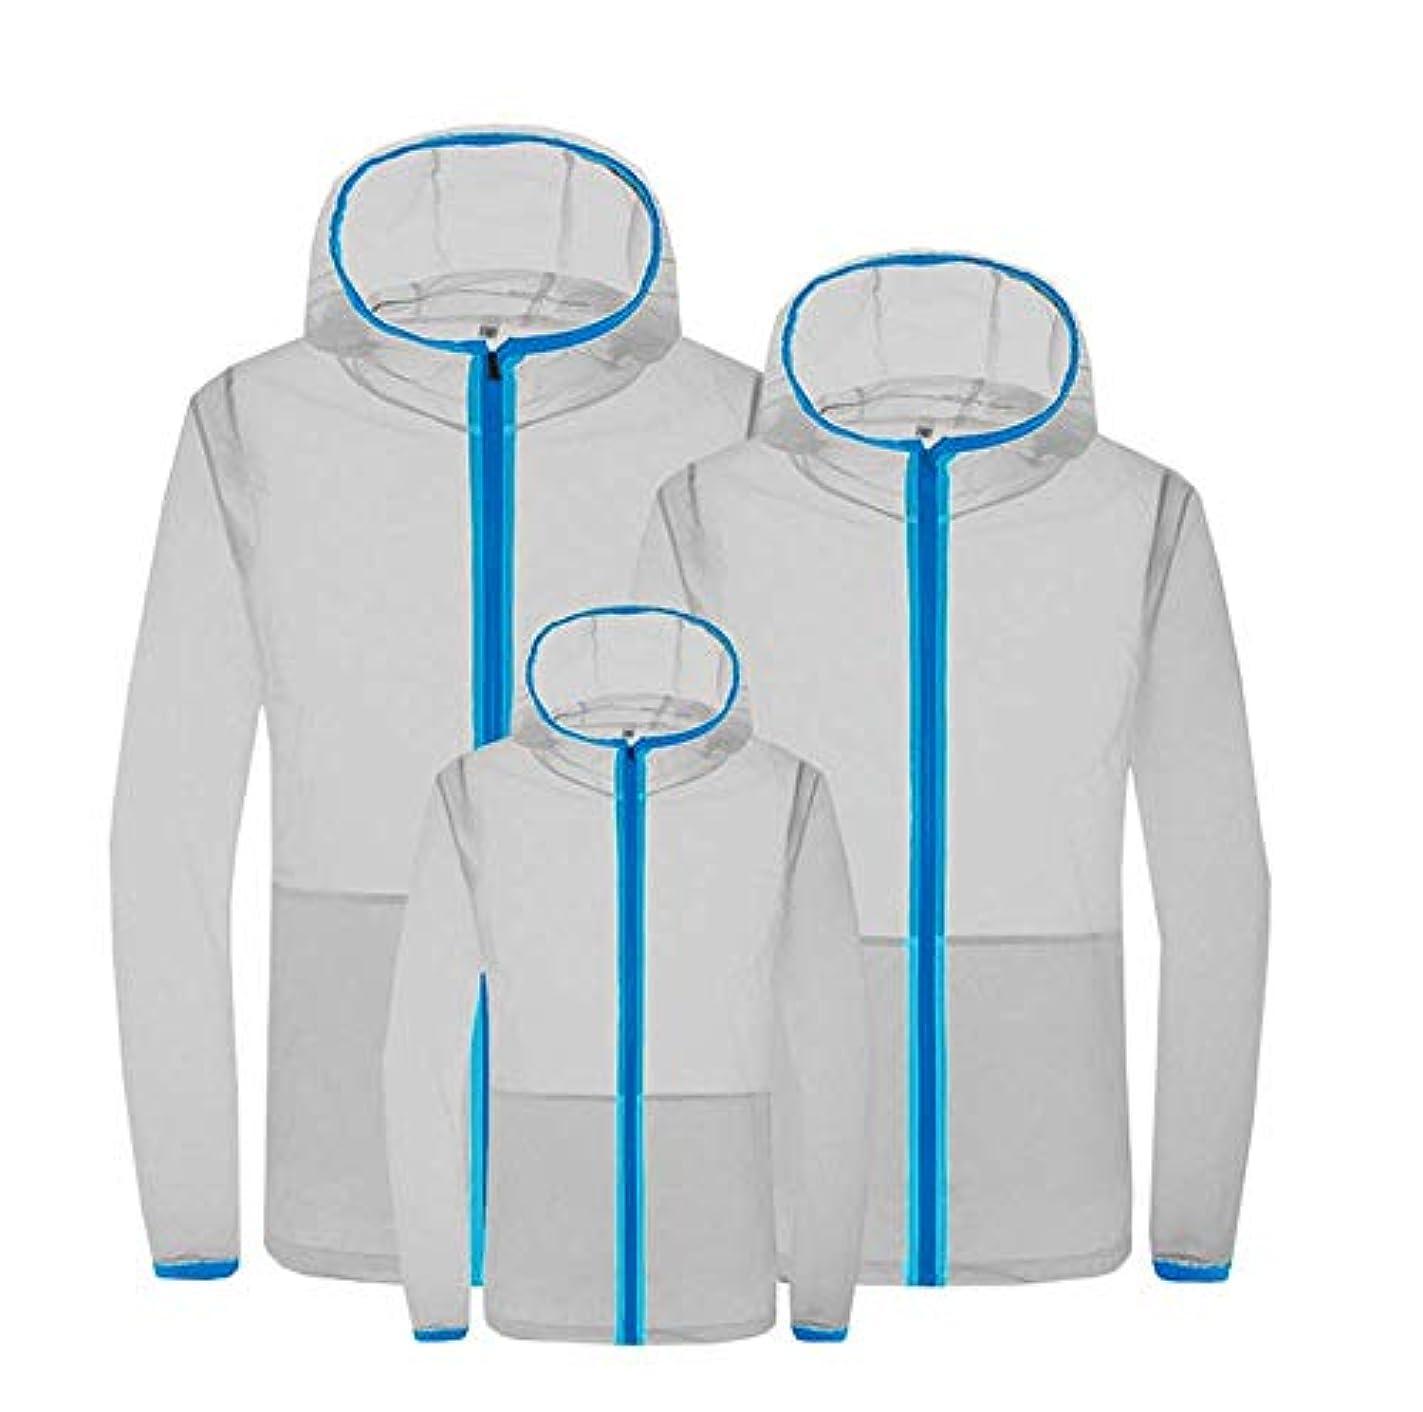 広々とした爵配管夏のエアコンスーツスマート3速冷却スーツ日焼け防止服防滴防蚊服ファン冷却肌の服,Gray,S